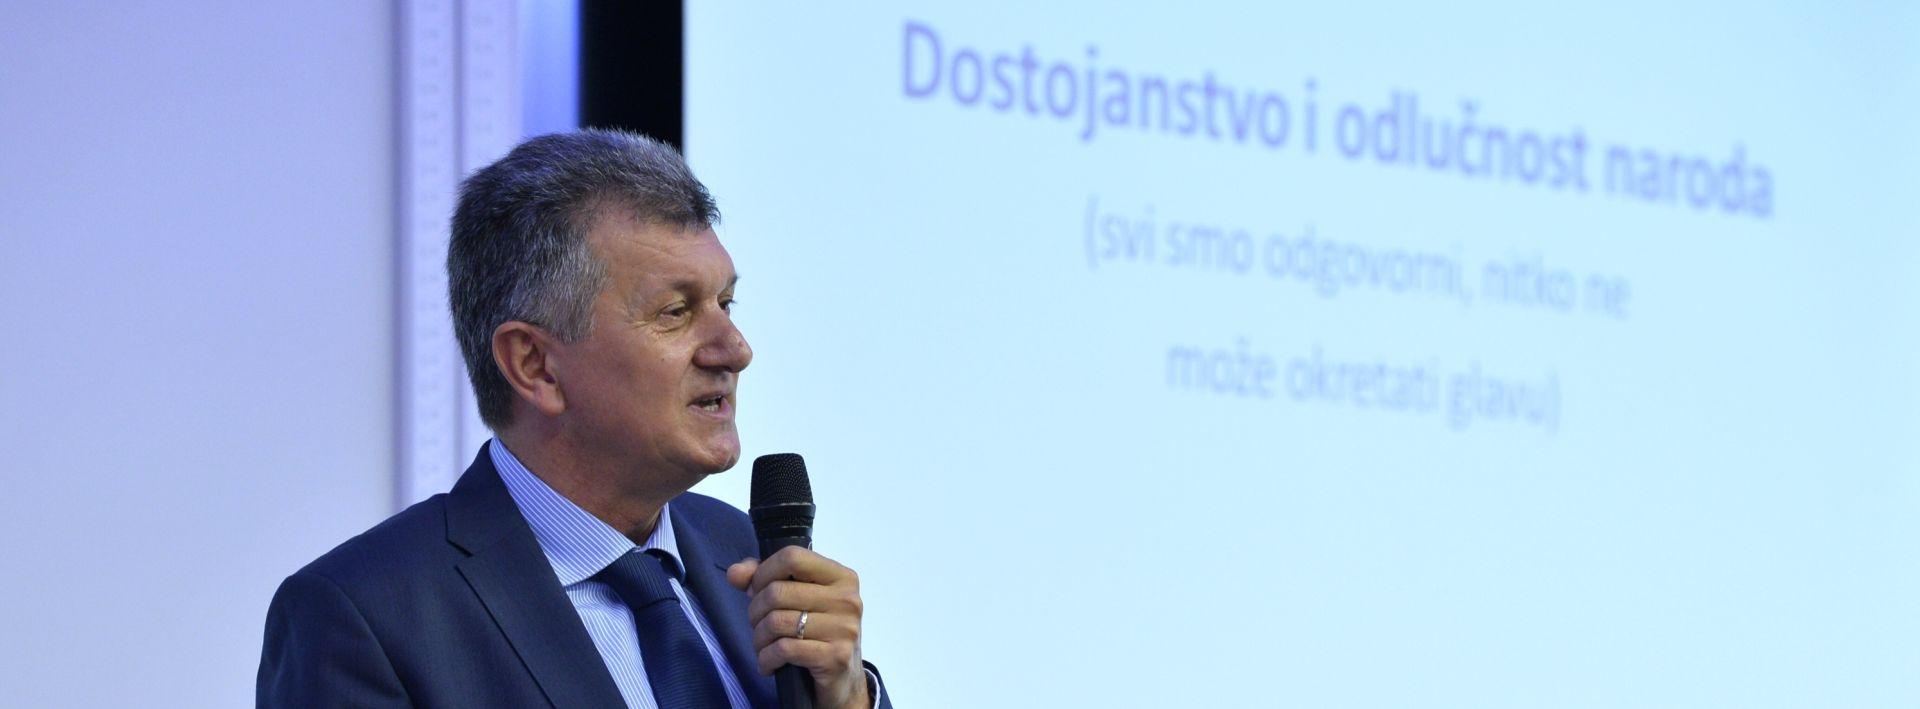 Kujundžić: Laž je da ćemo podržati Zorana Milanovića